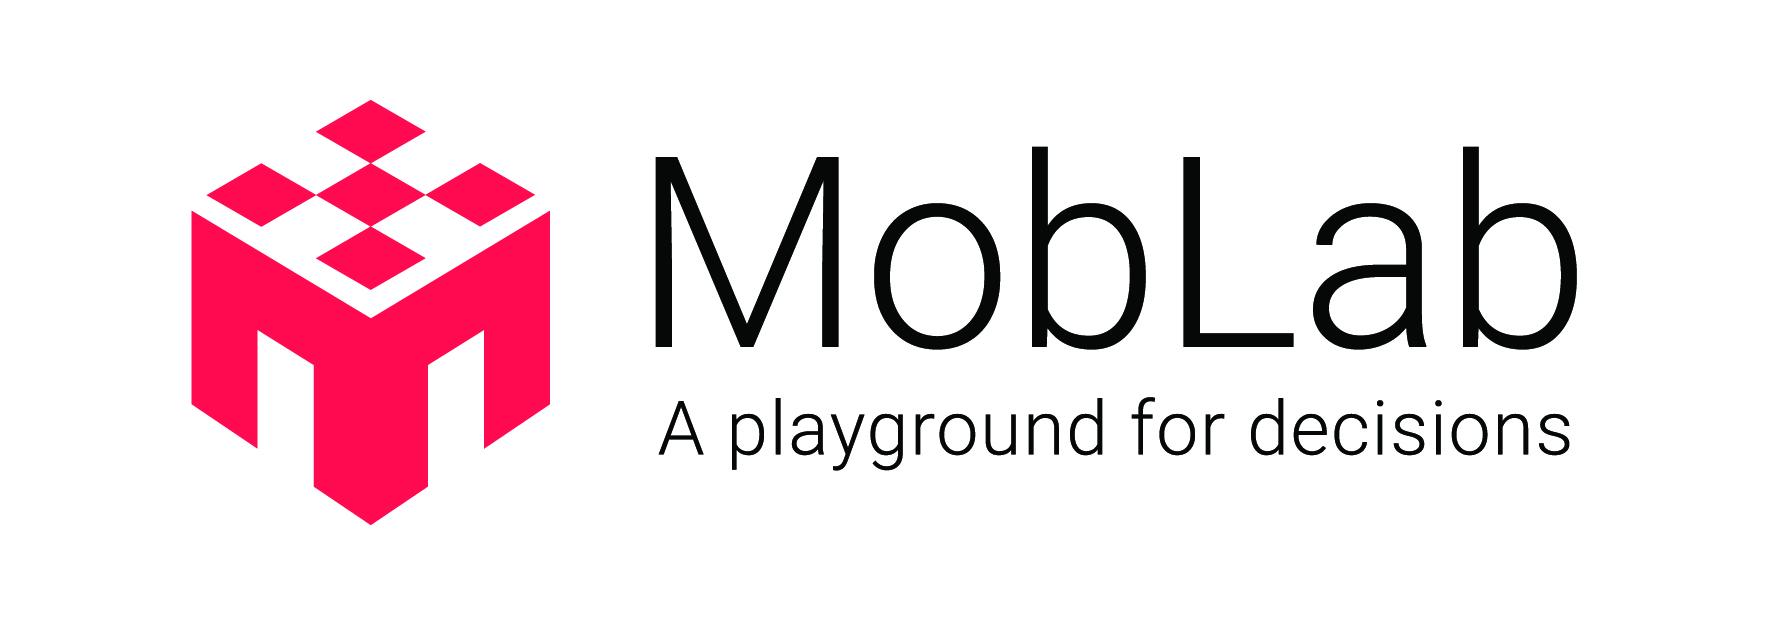 moblab logo